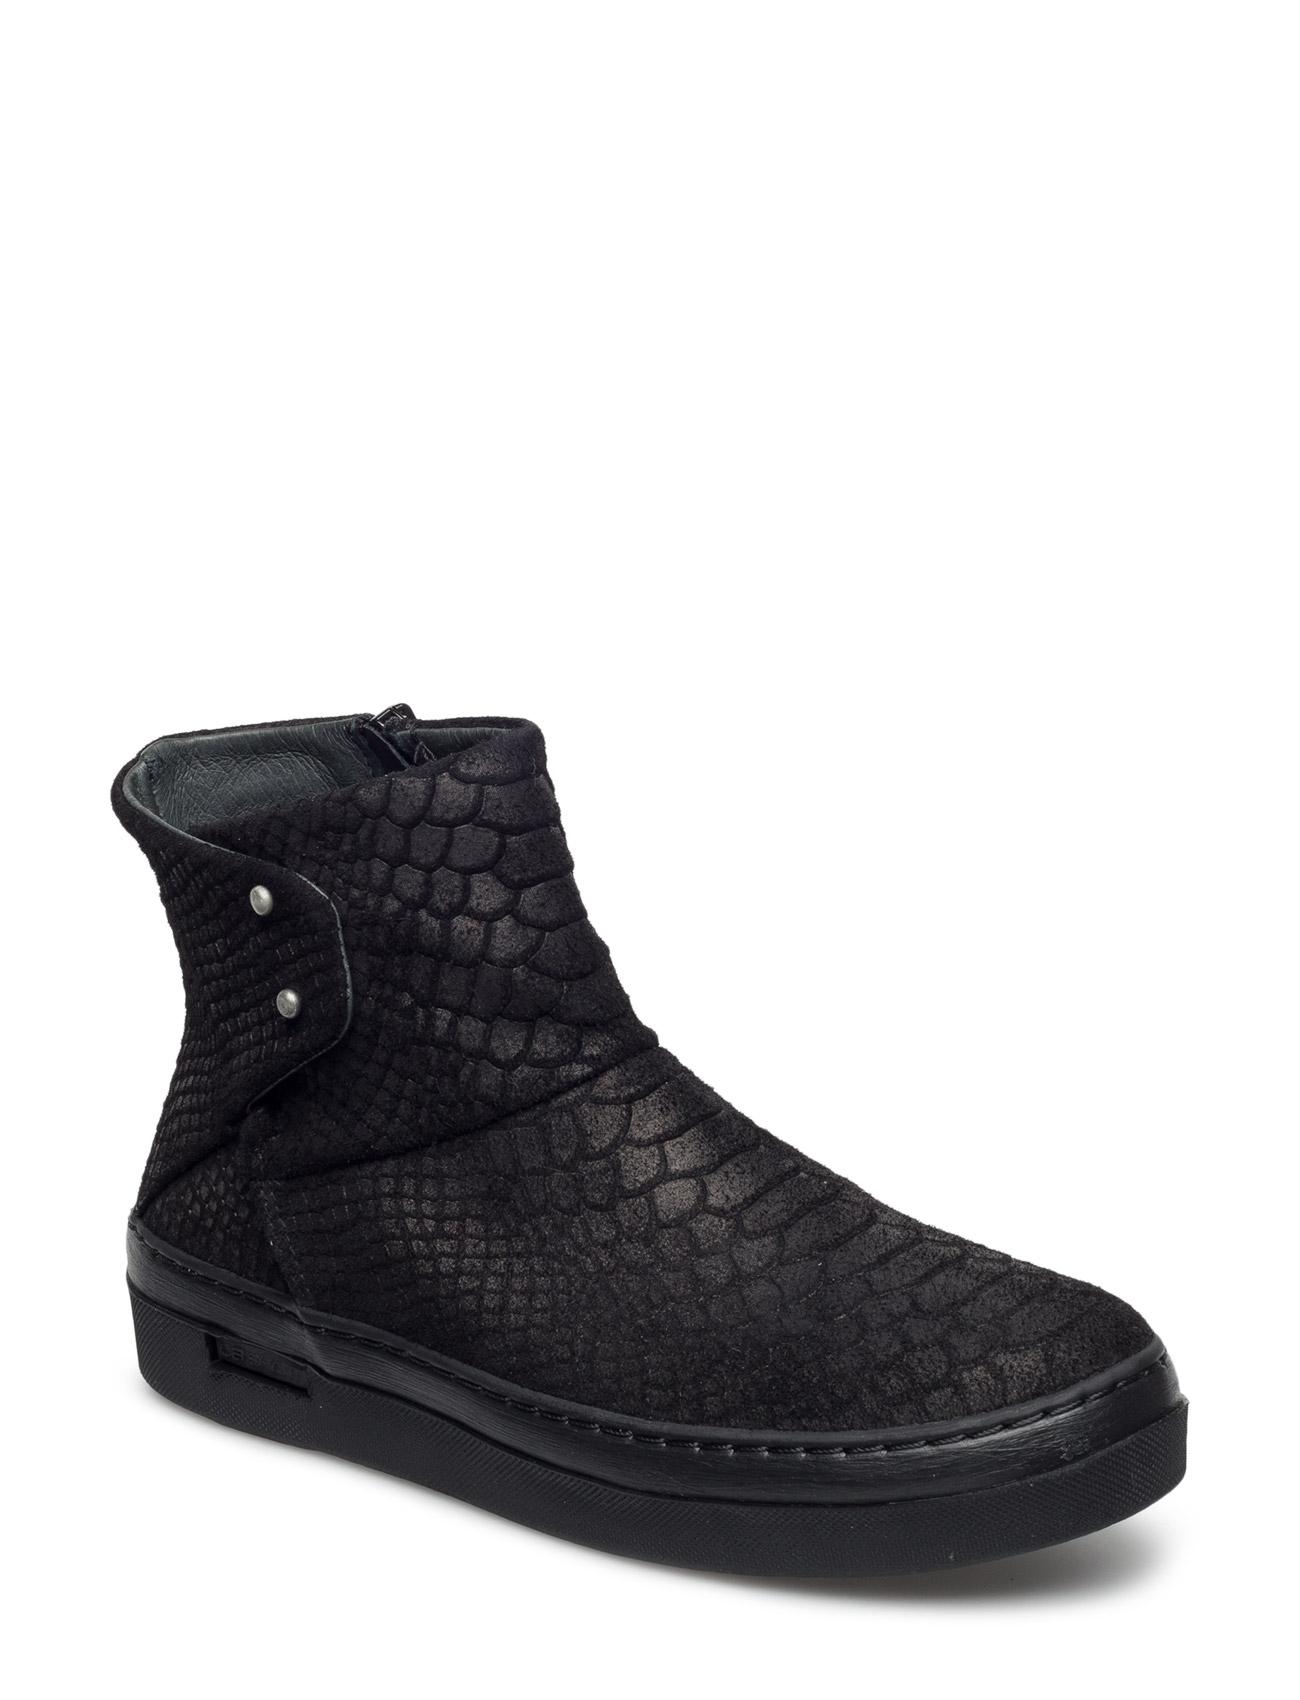 Boots CASHOTT Støvler til Kvinder i